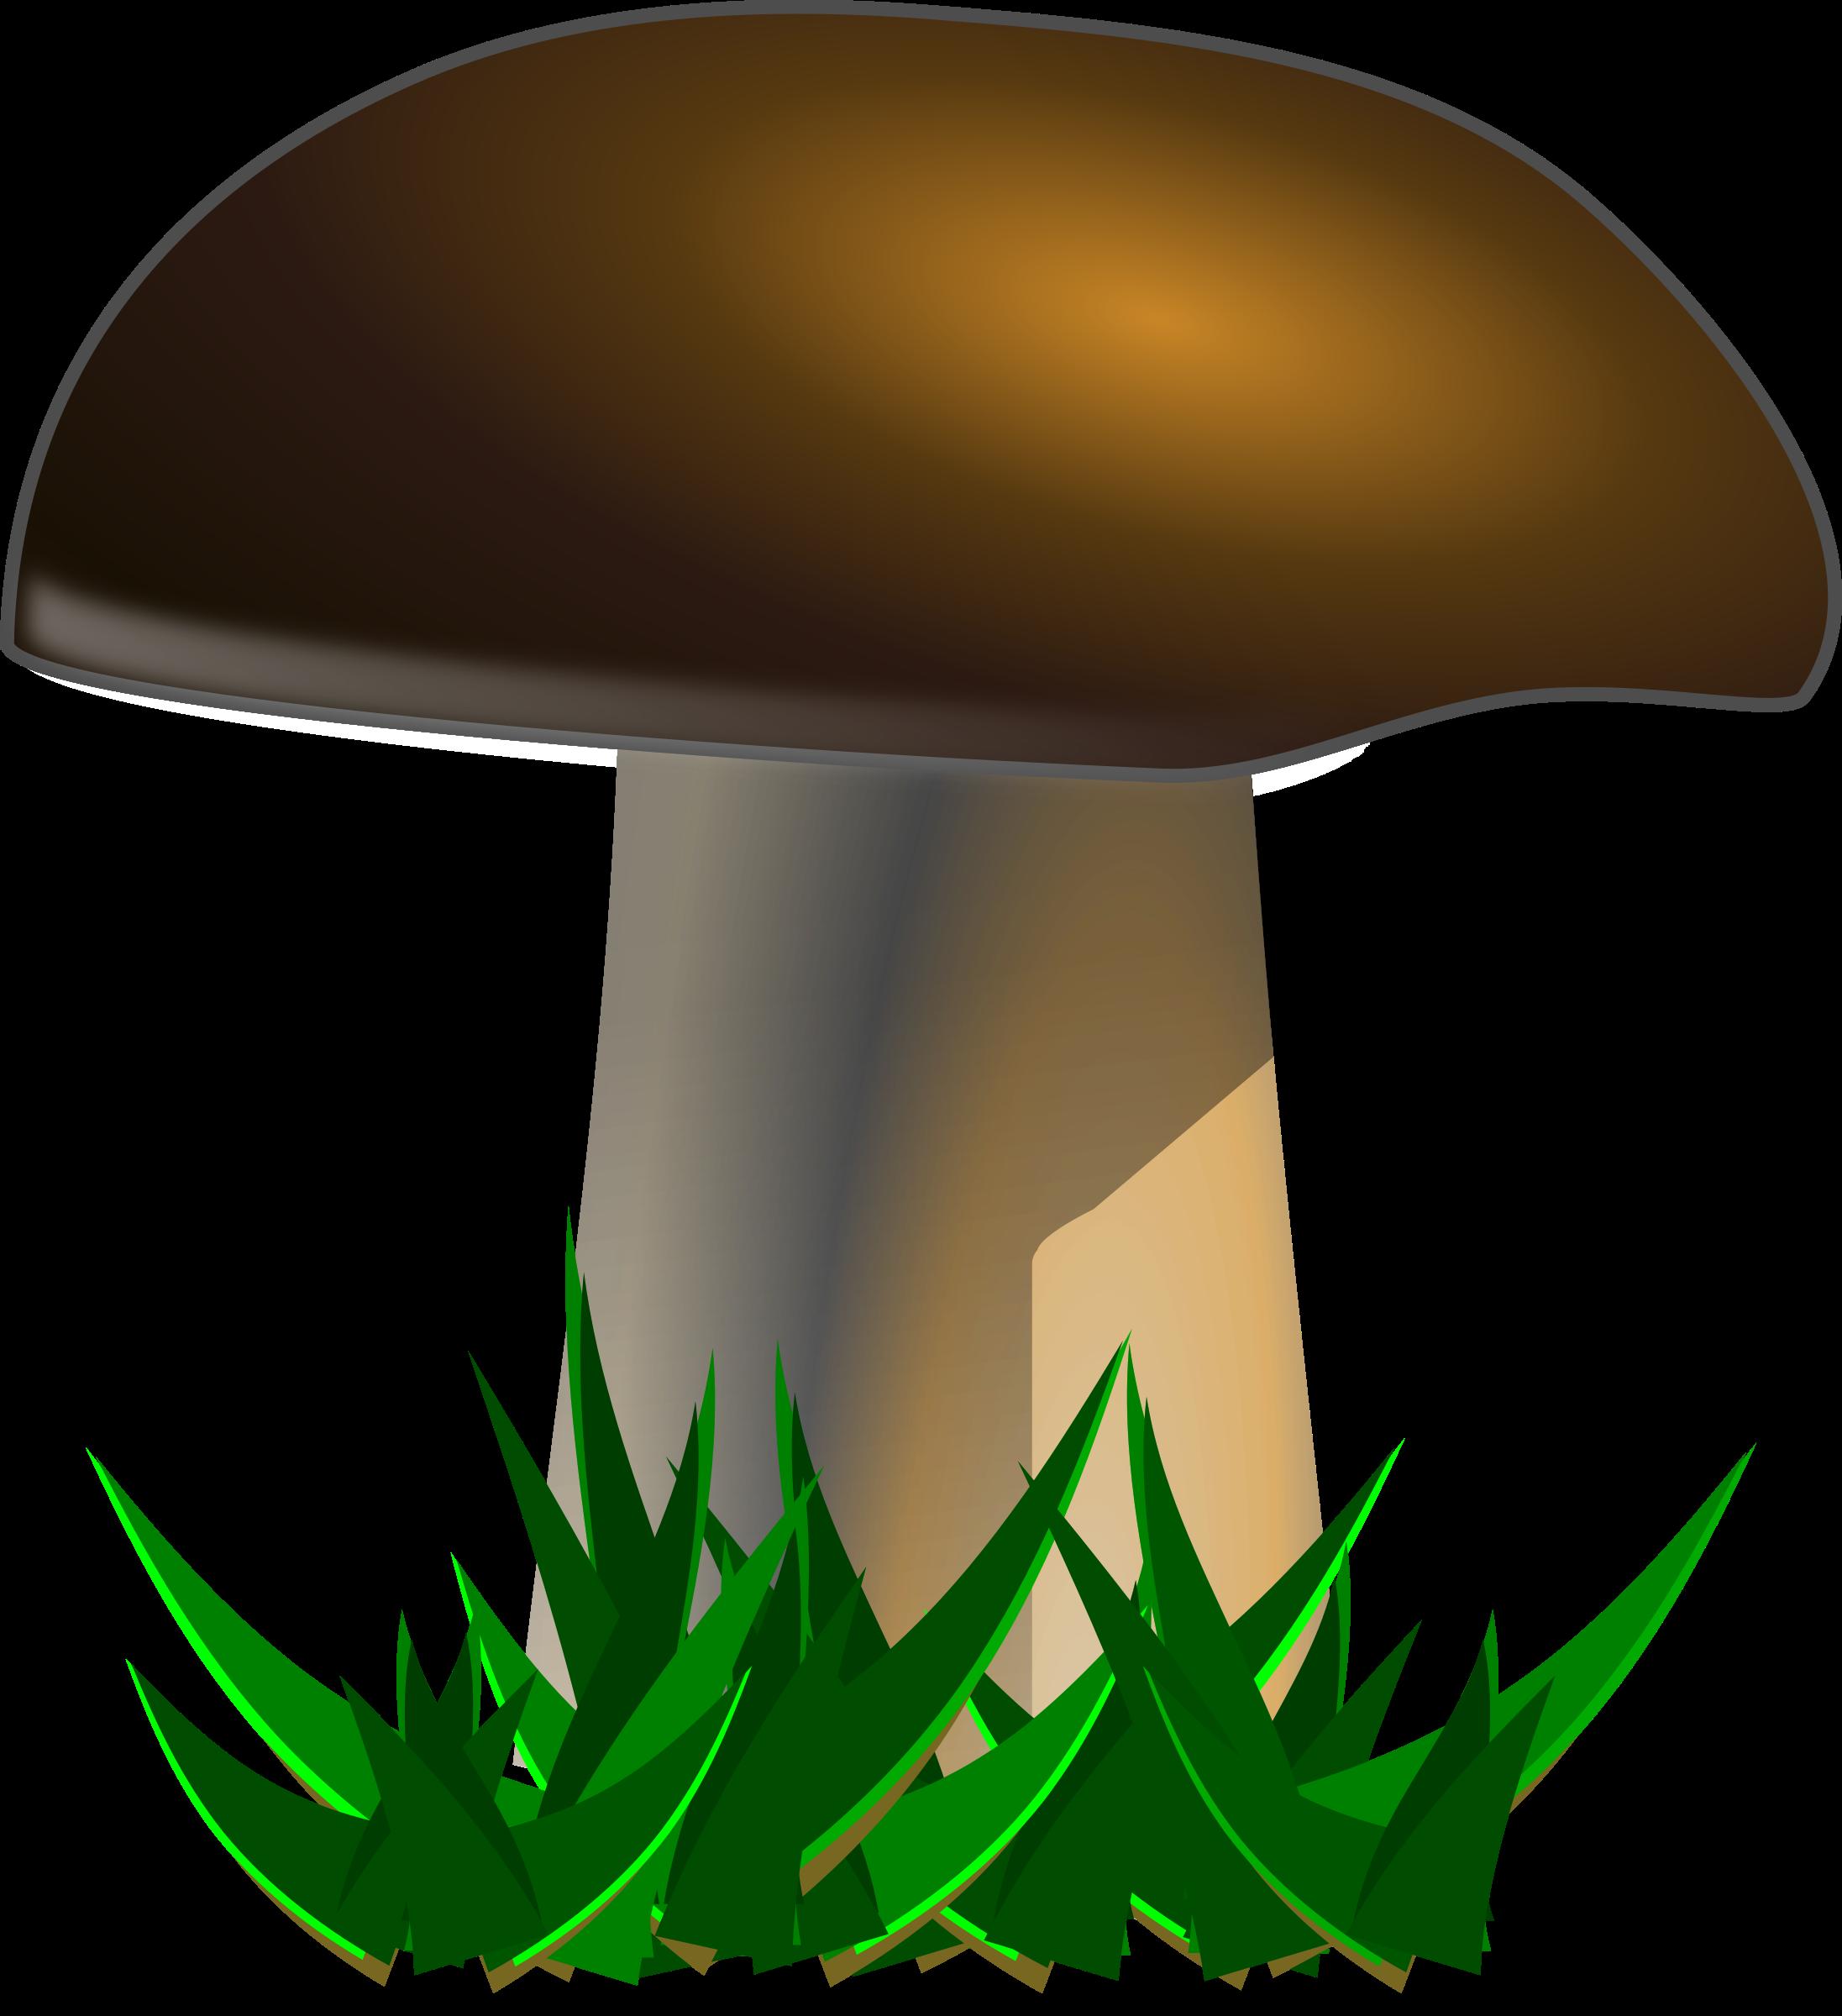 Mushroom food clipart